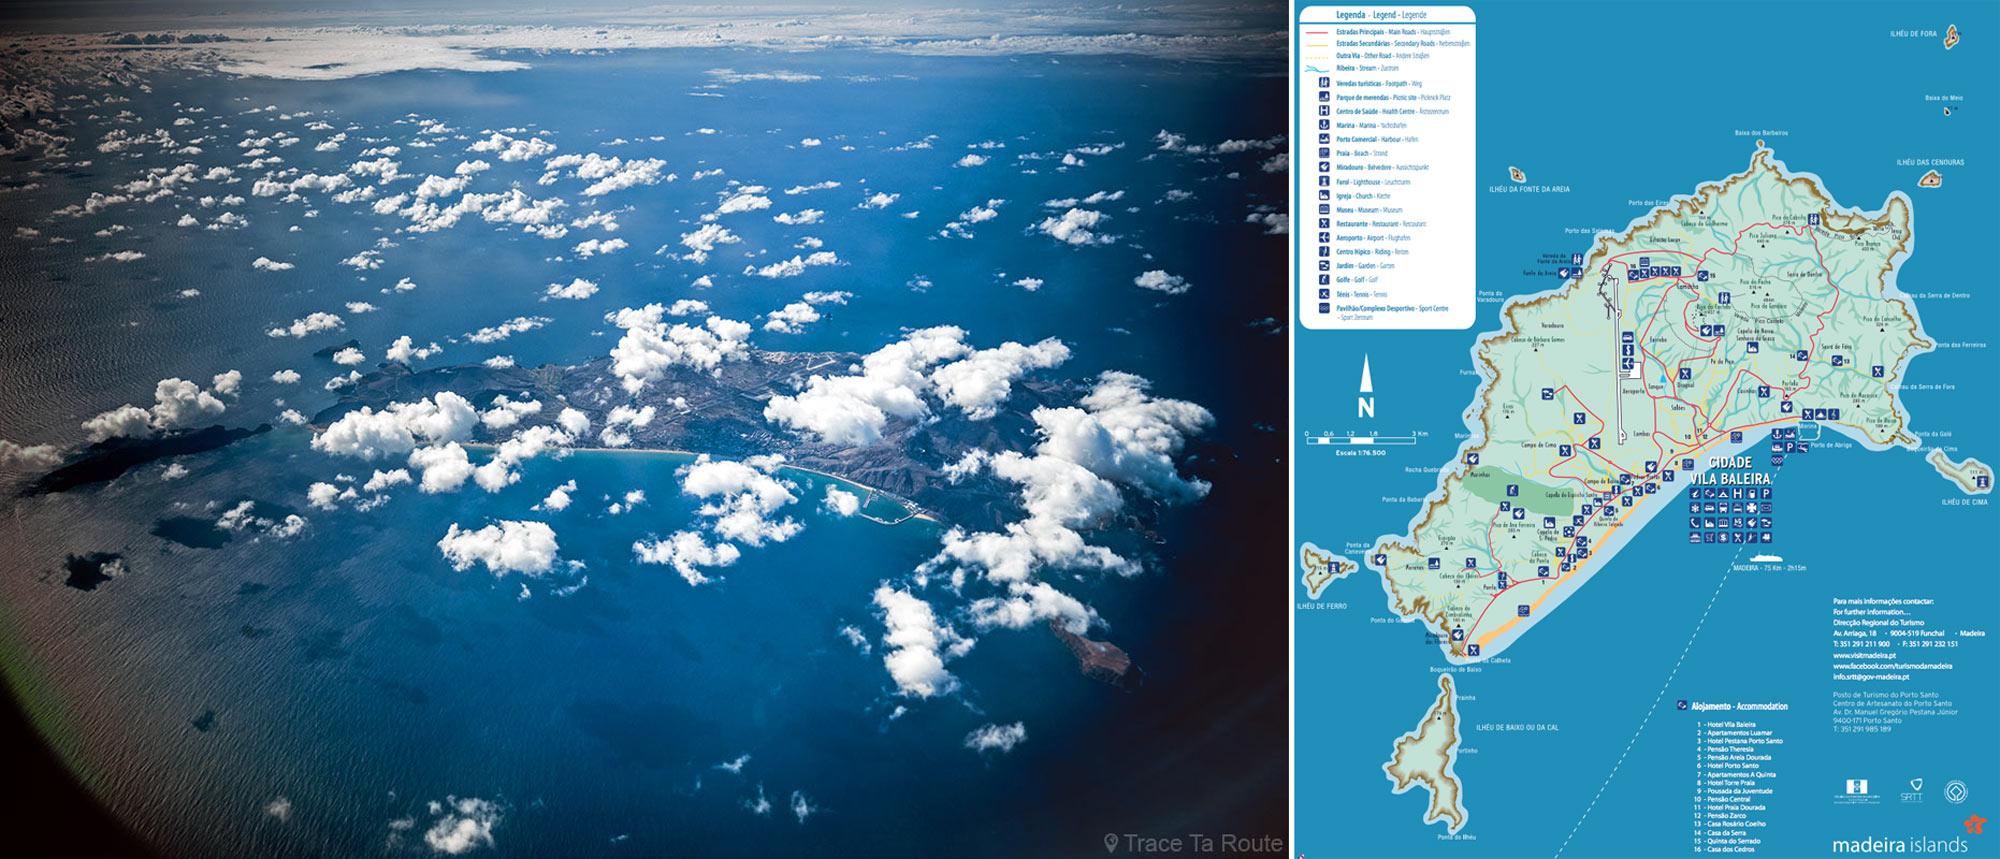 Mapa da ilha do Porto Santo da Madeira + vista aérea do avião sobre o Atlântico - Mapa das ilhas da Madeira